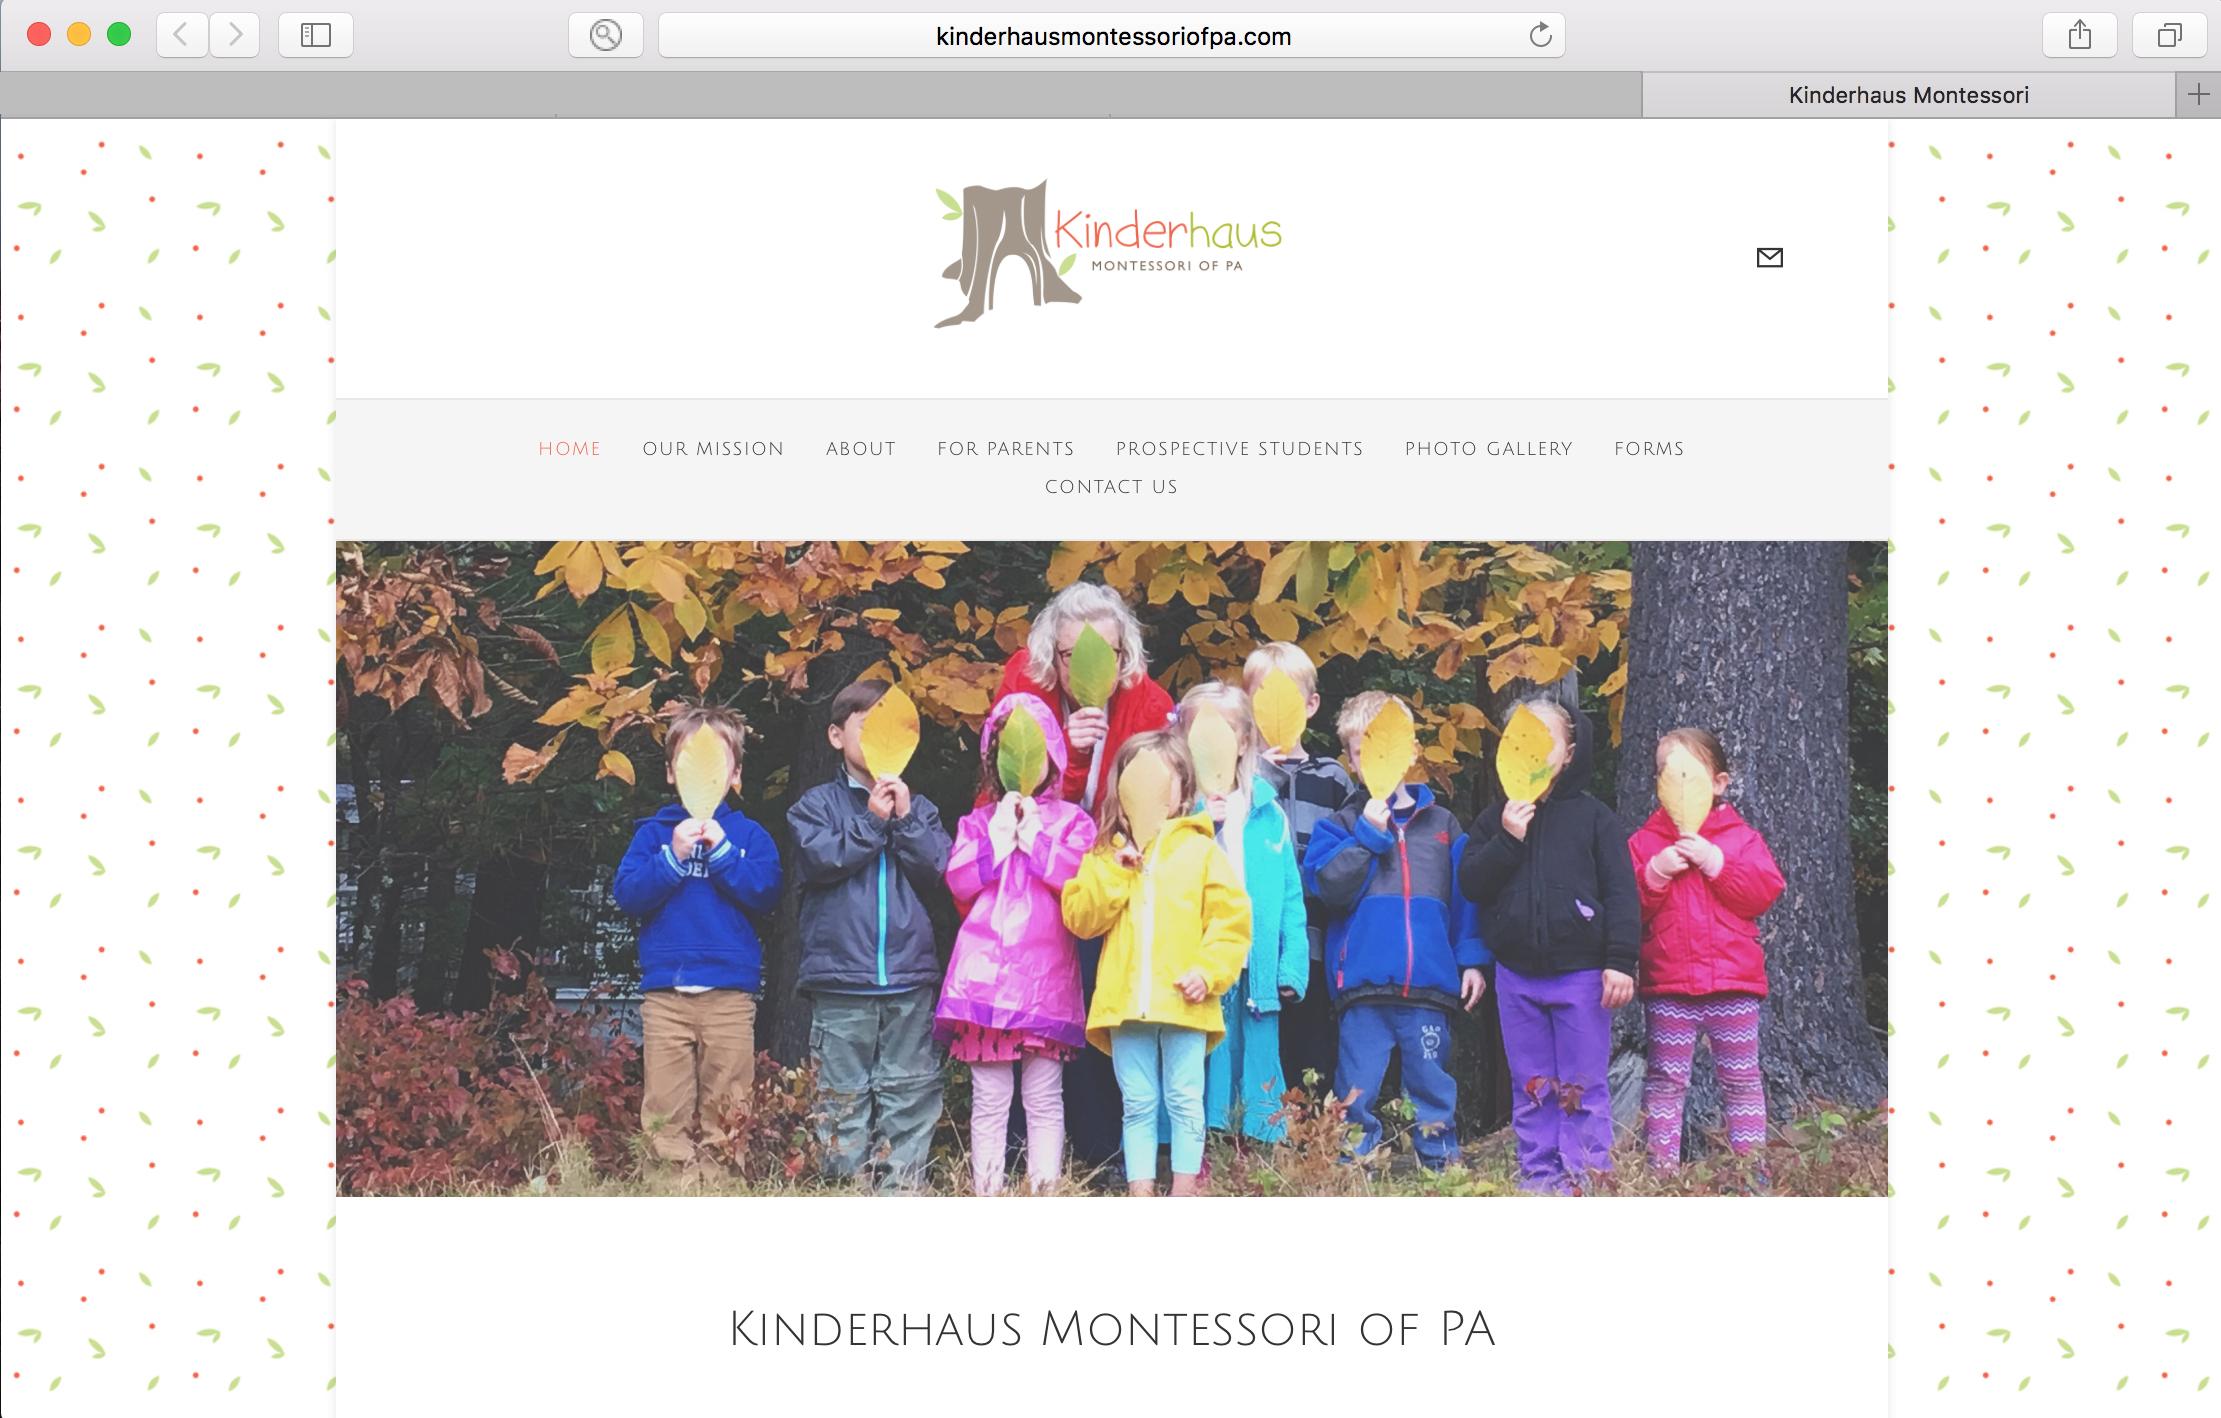 kinderhausweb.jpg